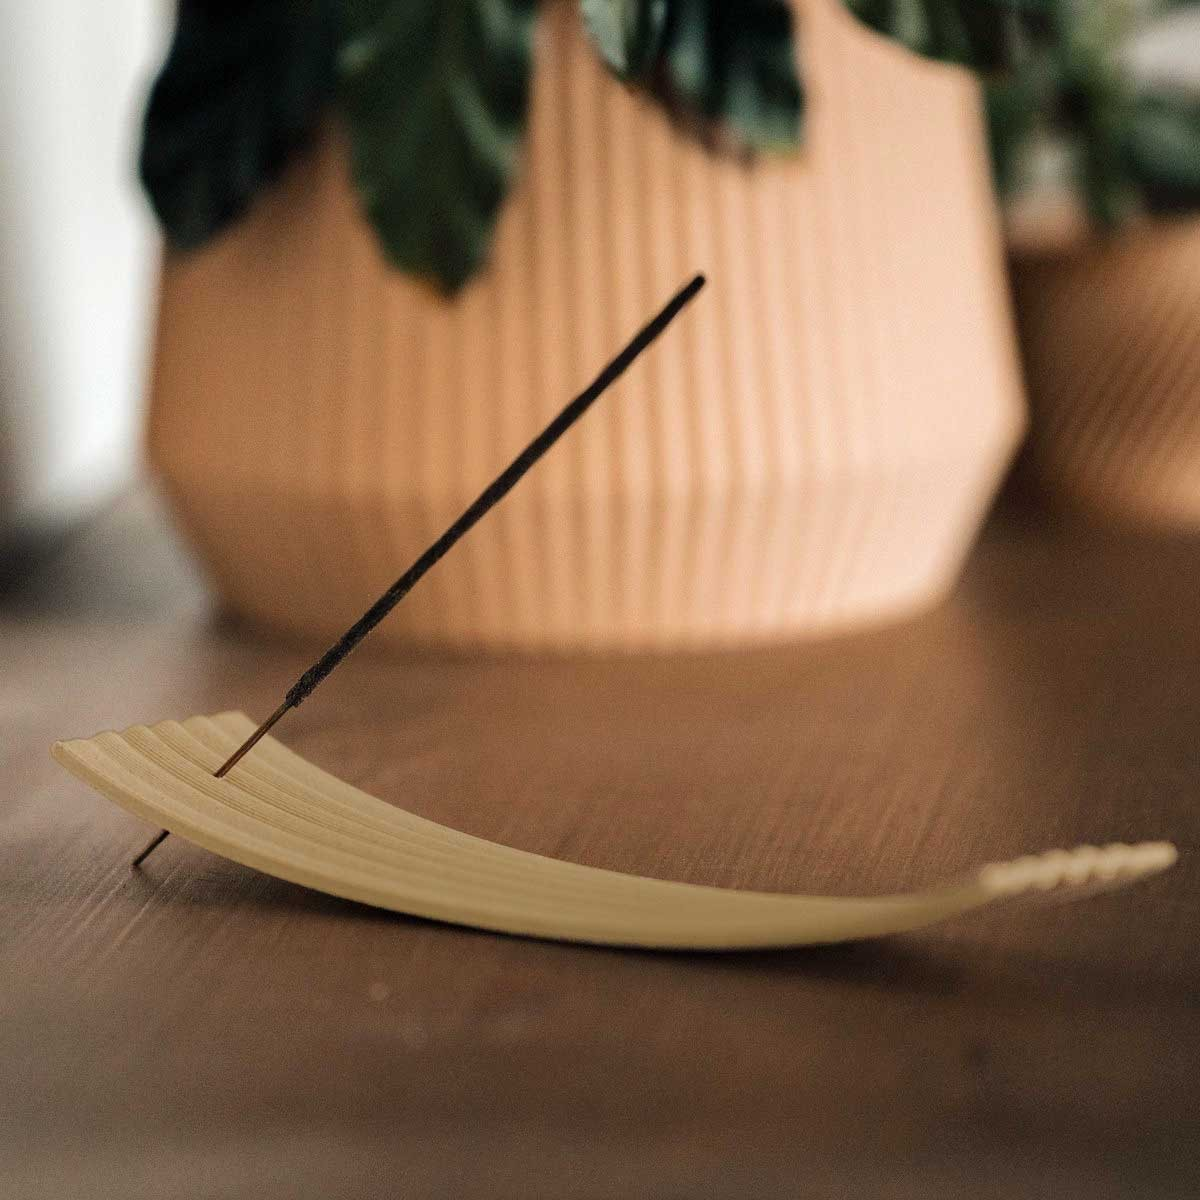 Räucherstäbchenhalter Holz Maisstärke Balance natur